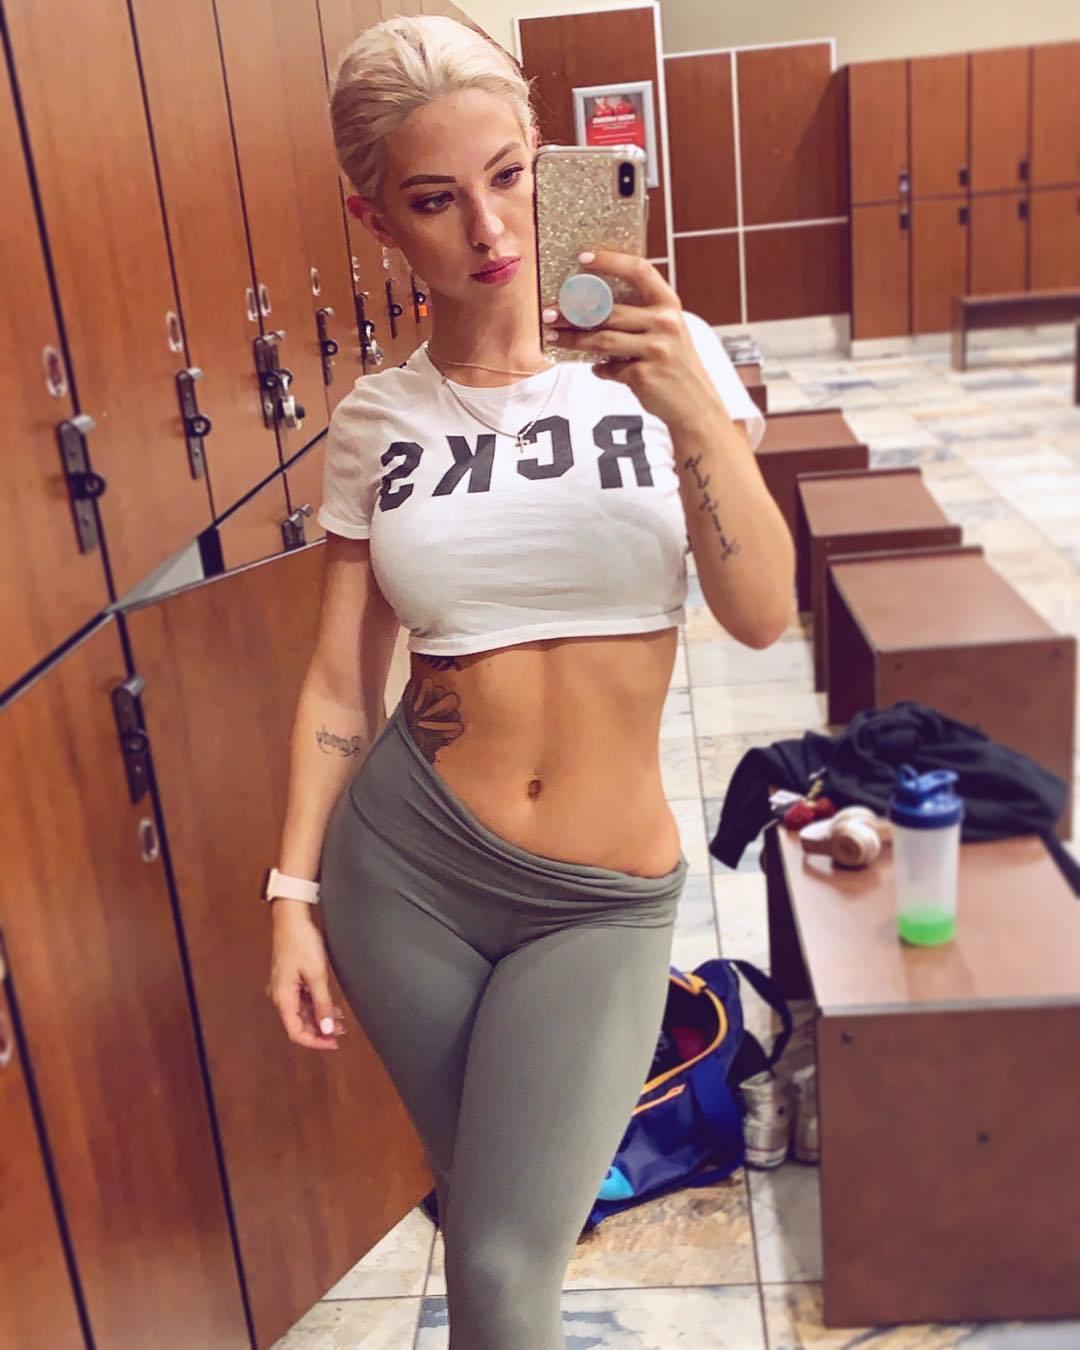 Hot Girls In Yoga Pants (36 Photos) - The Viraler